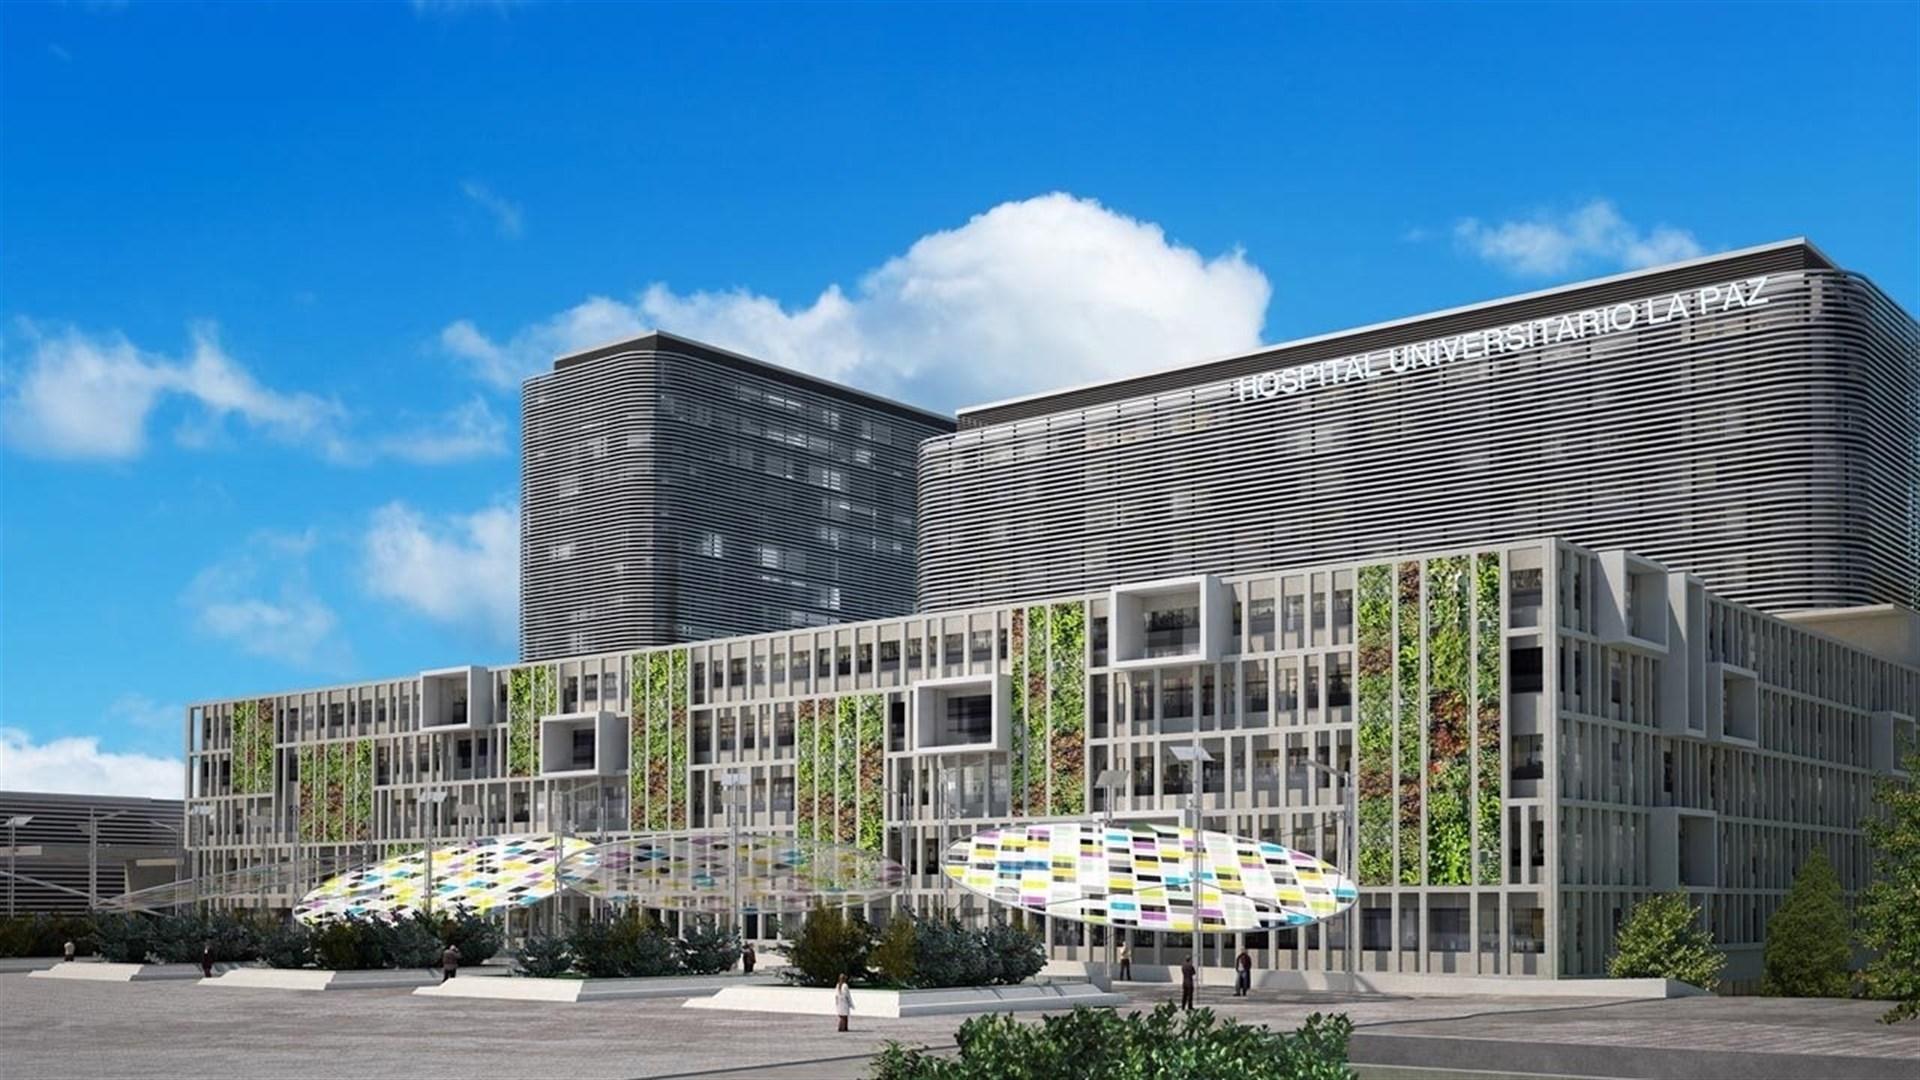 ff21a1f78 La Comunidad de Madrid construirá un nuevo Hospital La Paz en diez ...